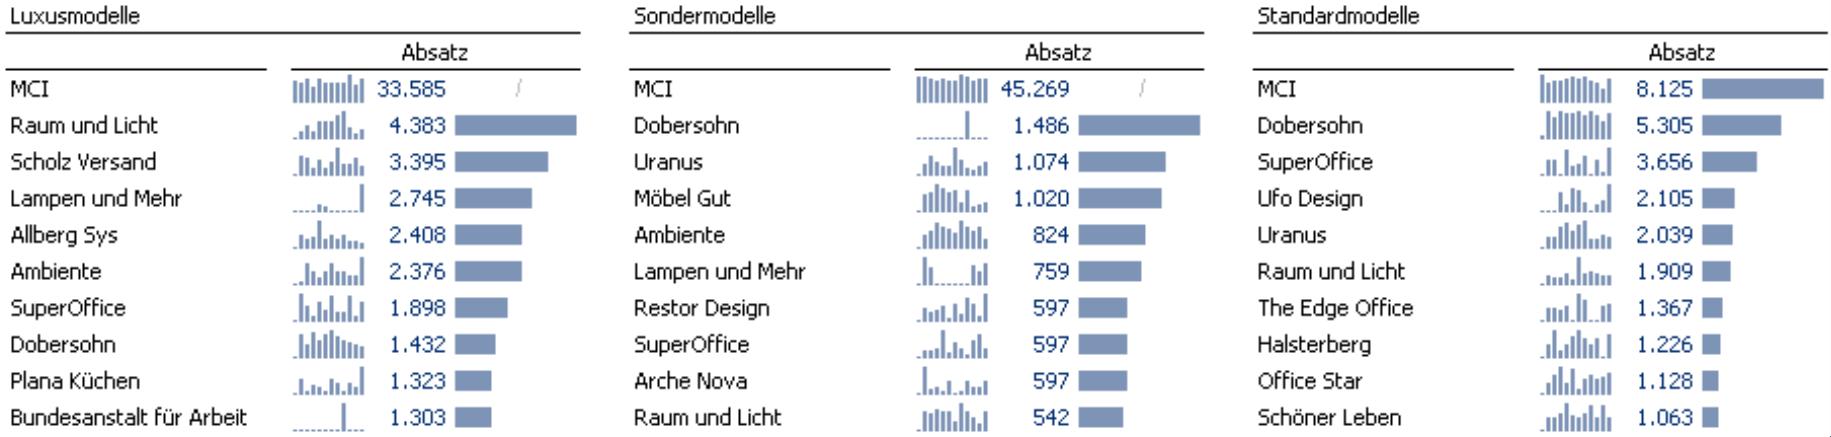 Mehrere Grafische Tabellen (Luxus-, Sonder- und Standardmodelle) mit Sparklines und Balken